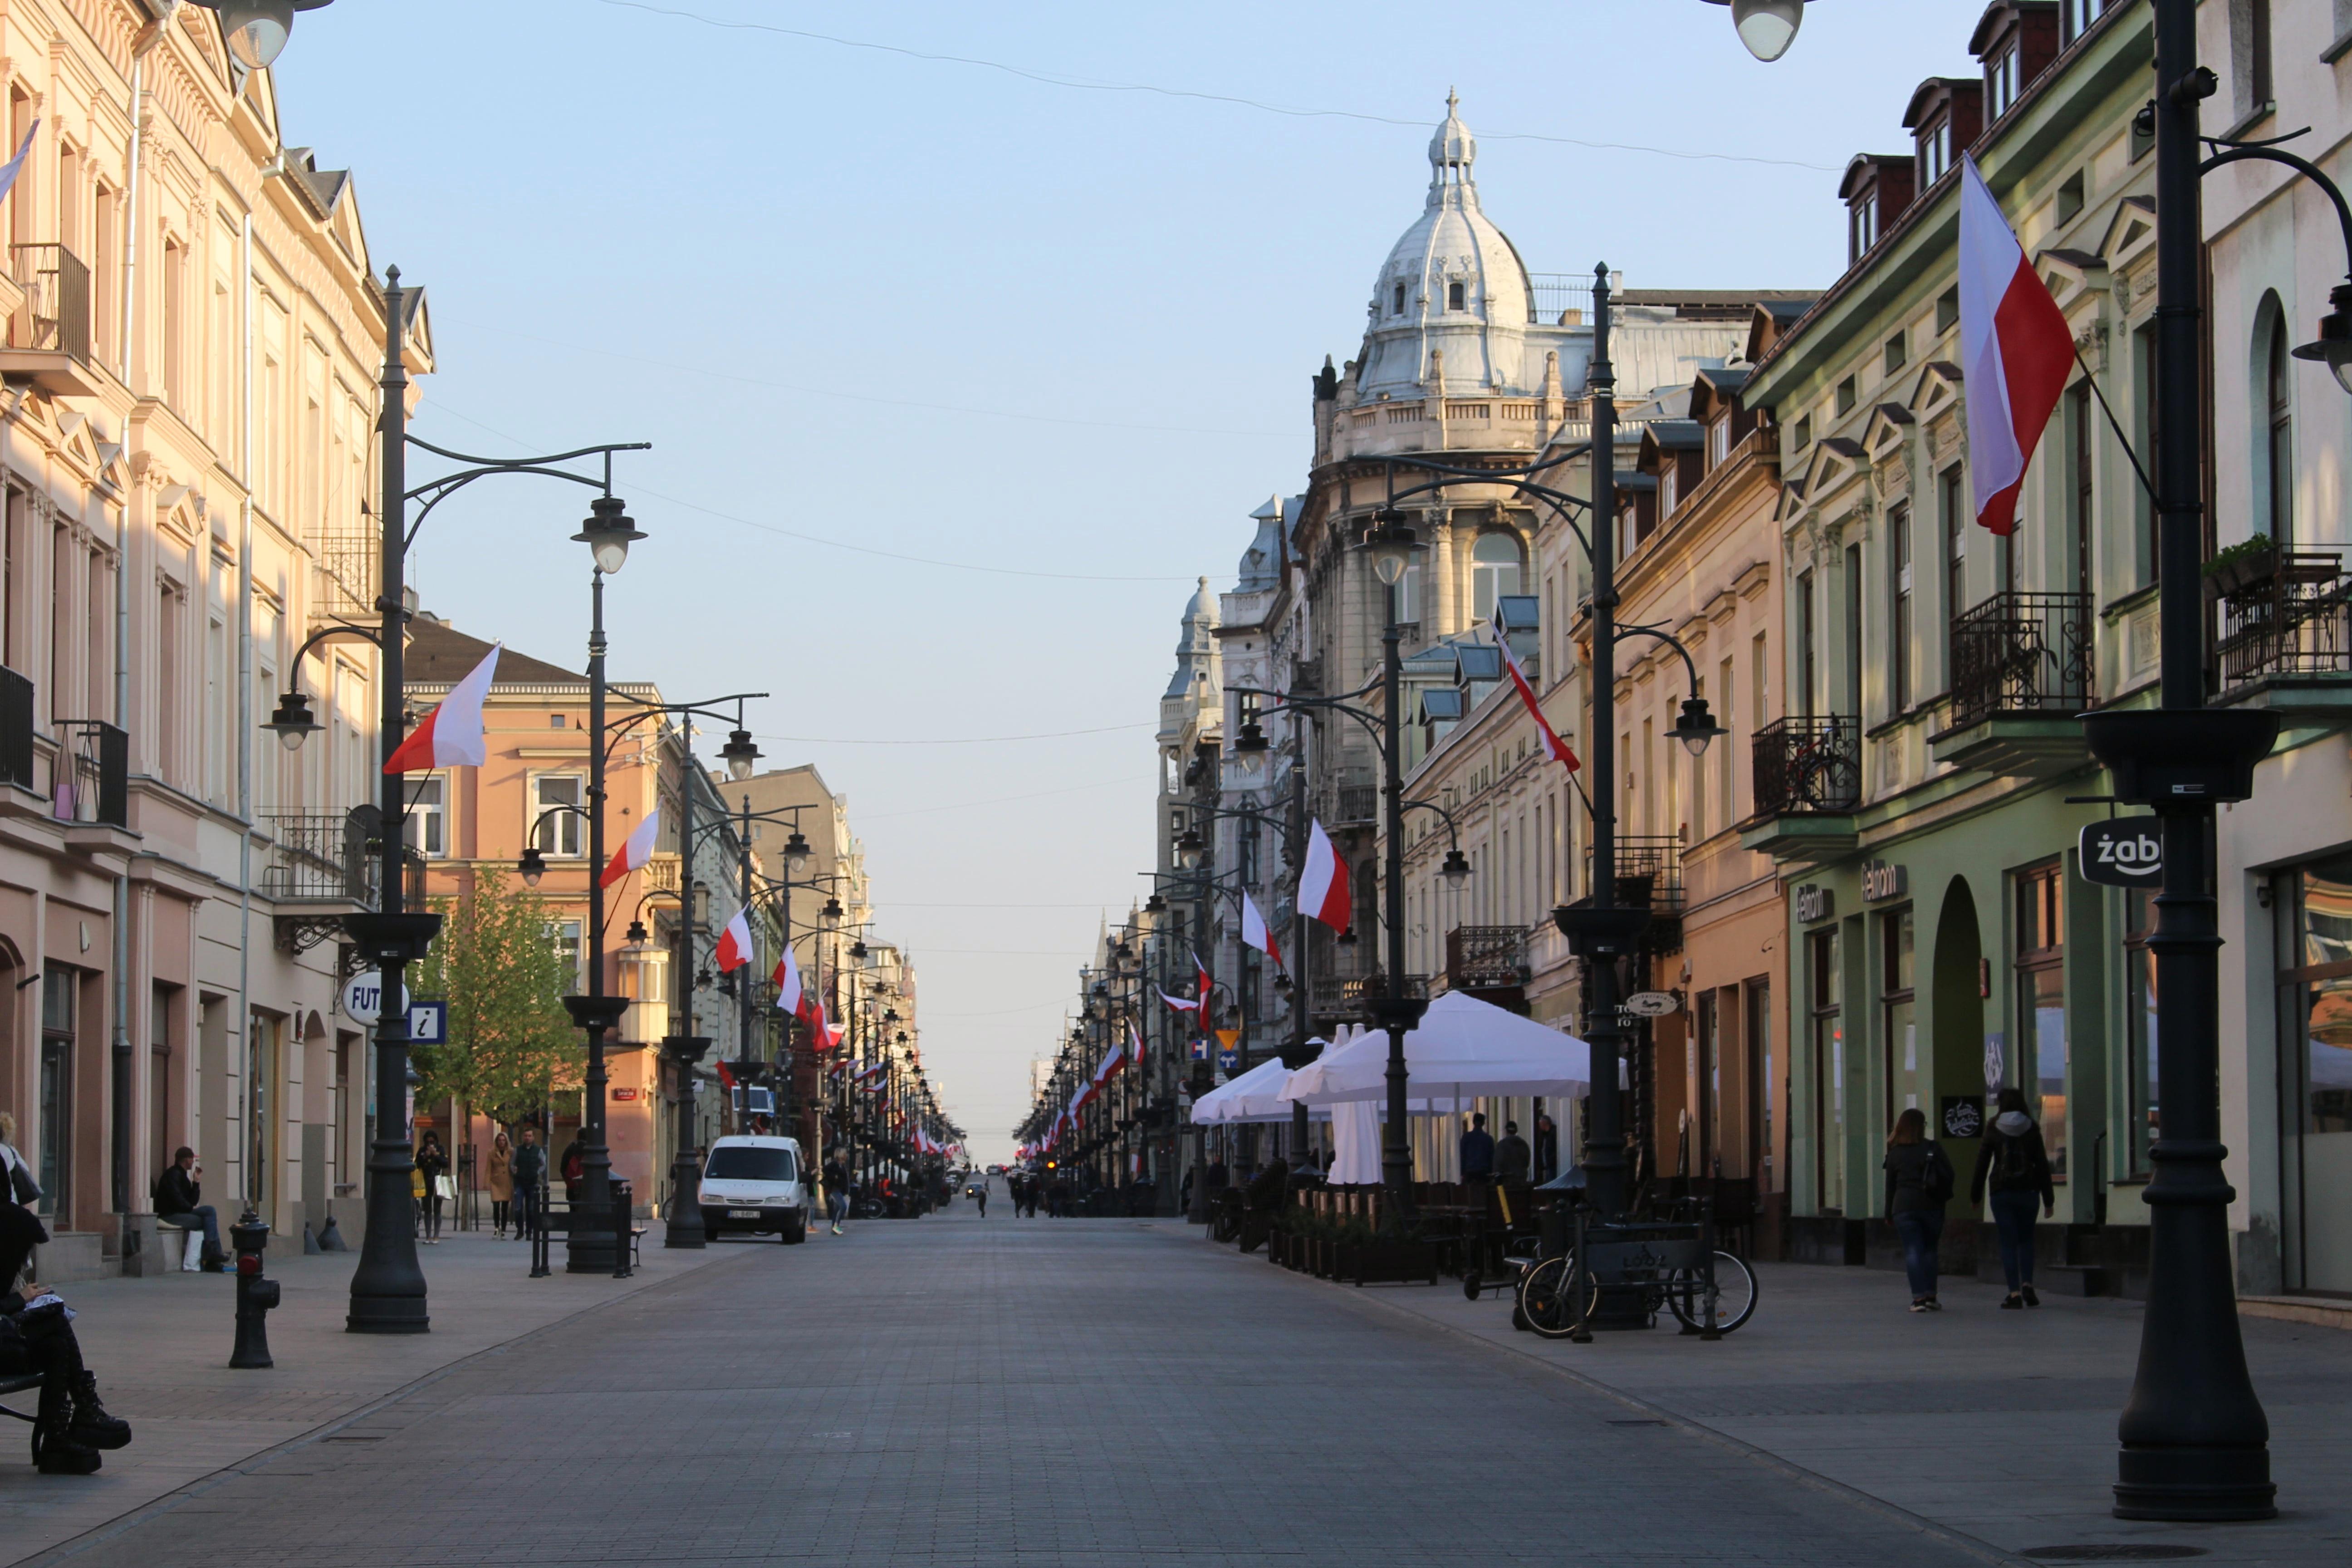 Piotrkowska Lodz